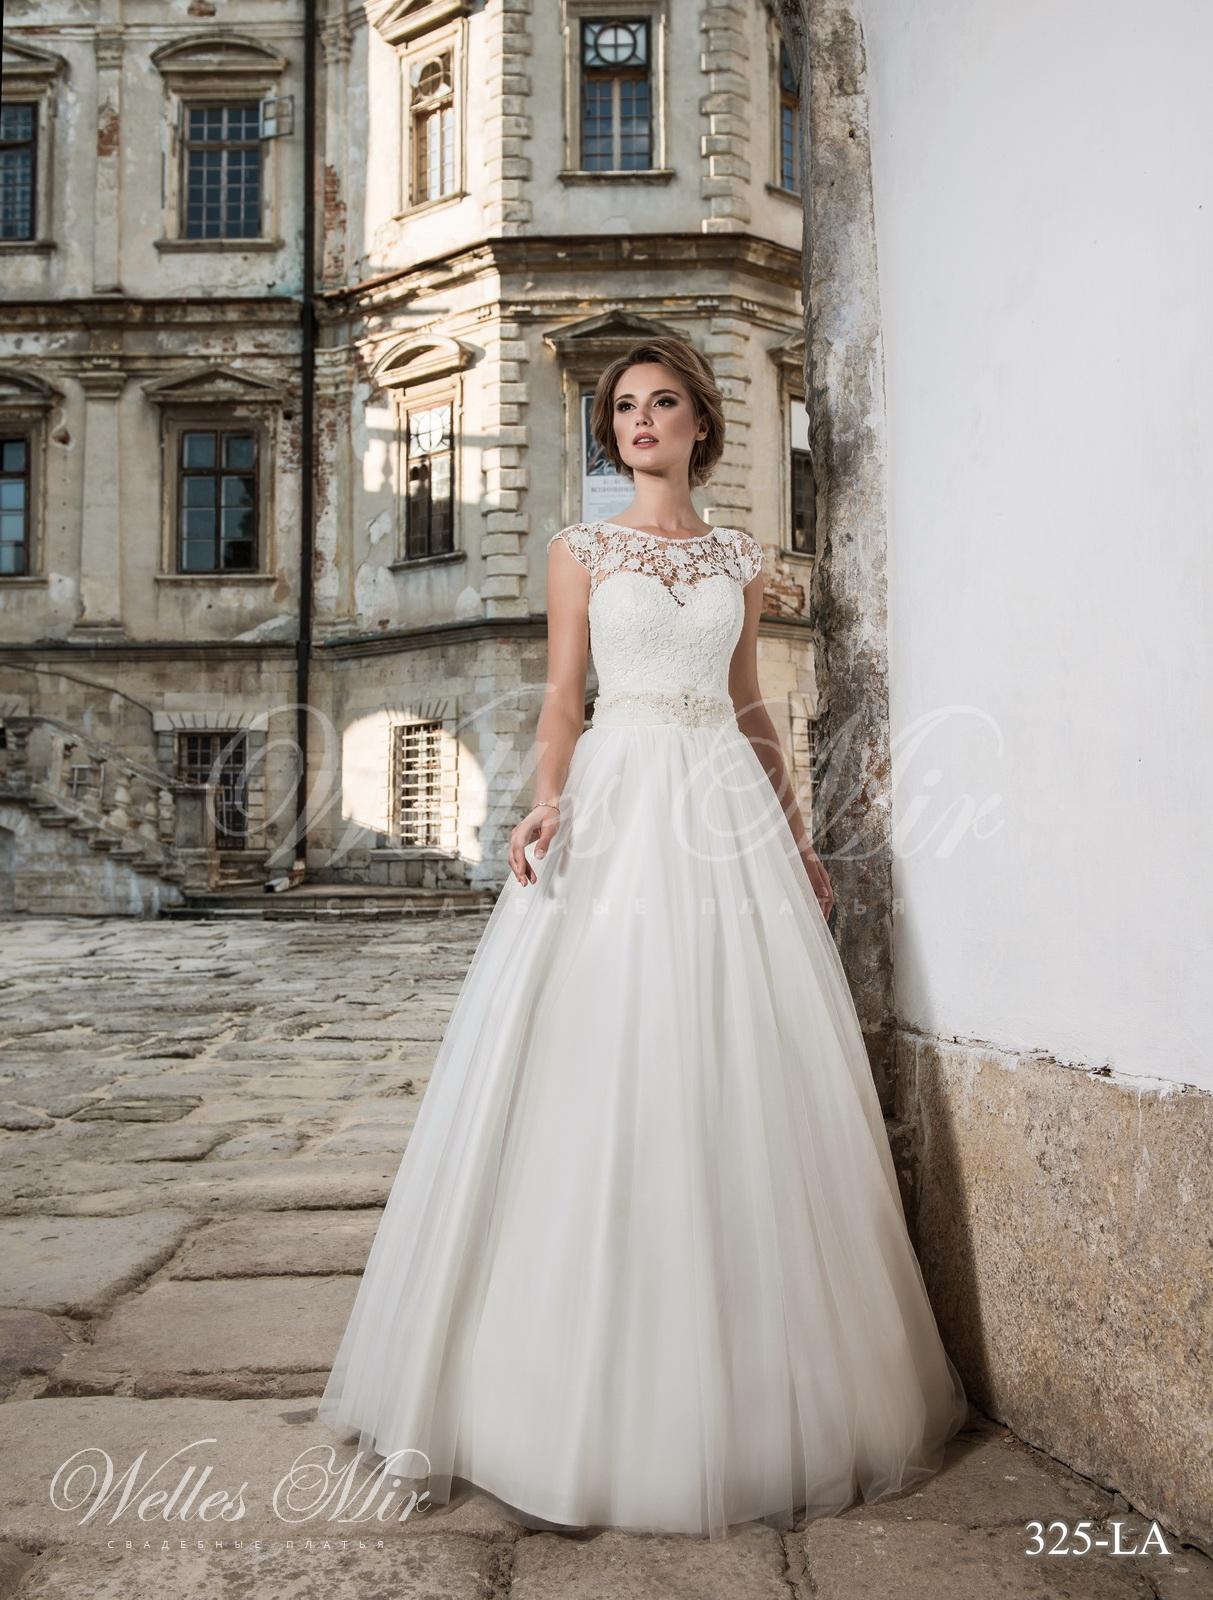 Свадебные платья Exquisite Collection - 325-LA